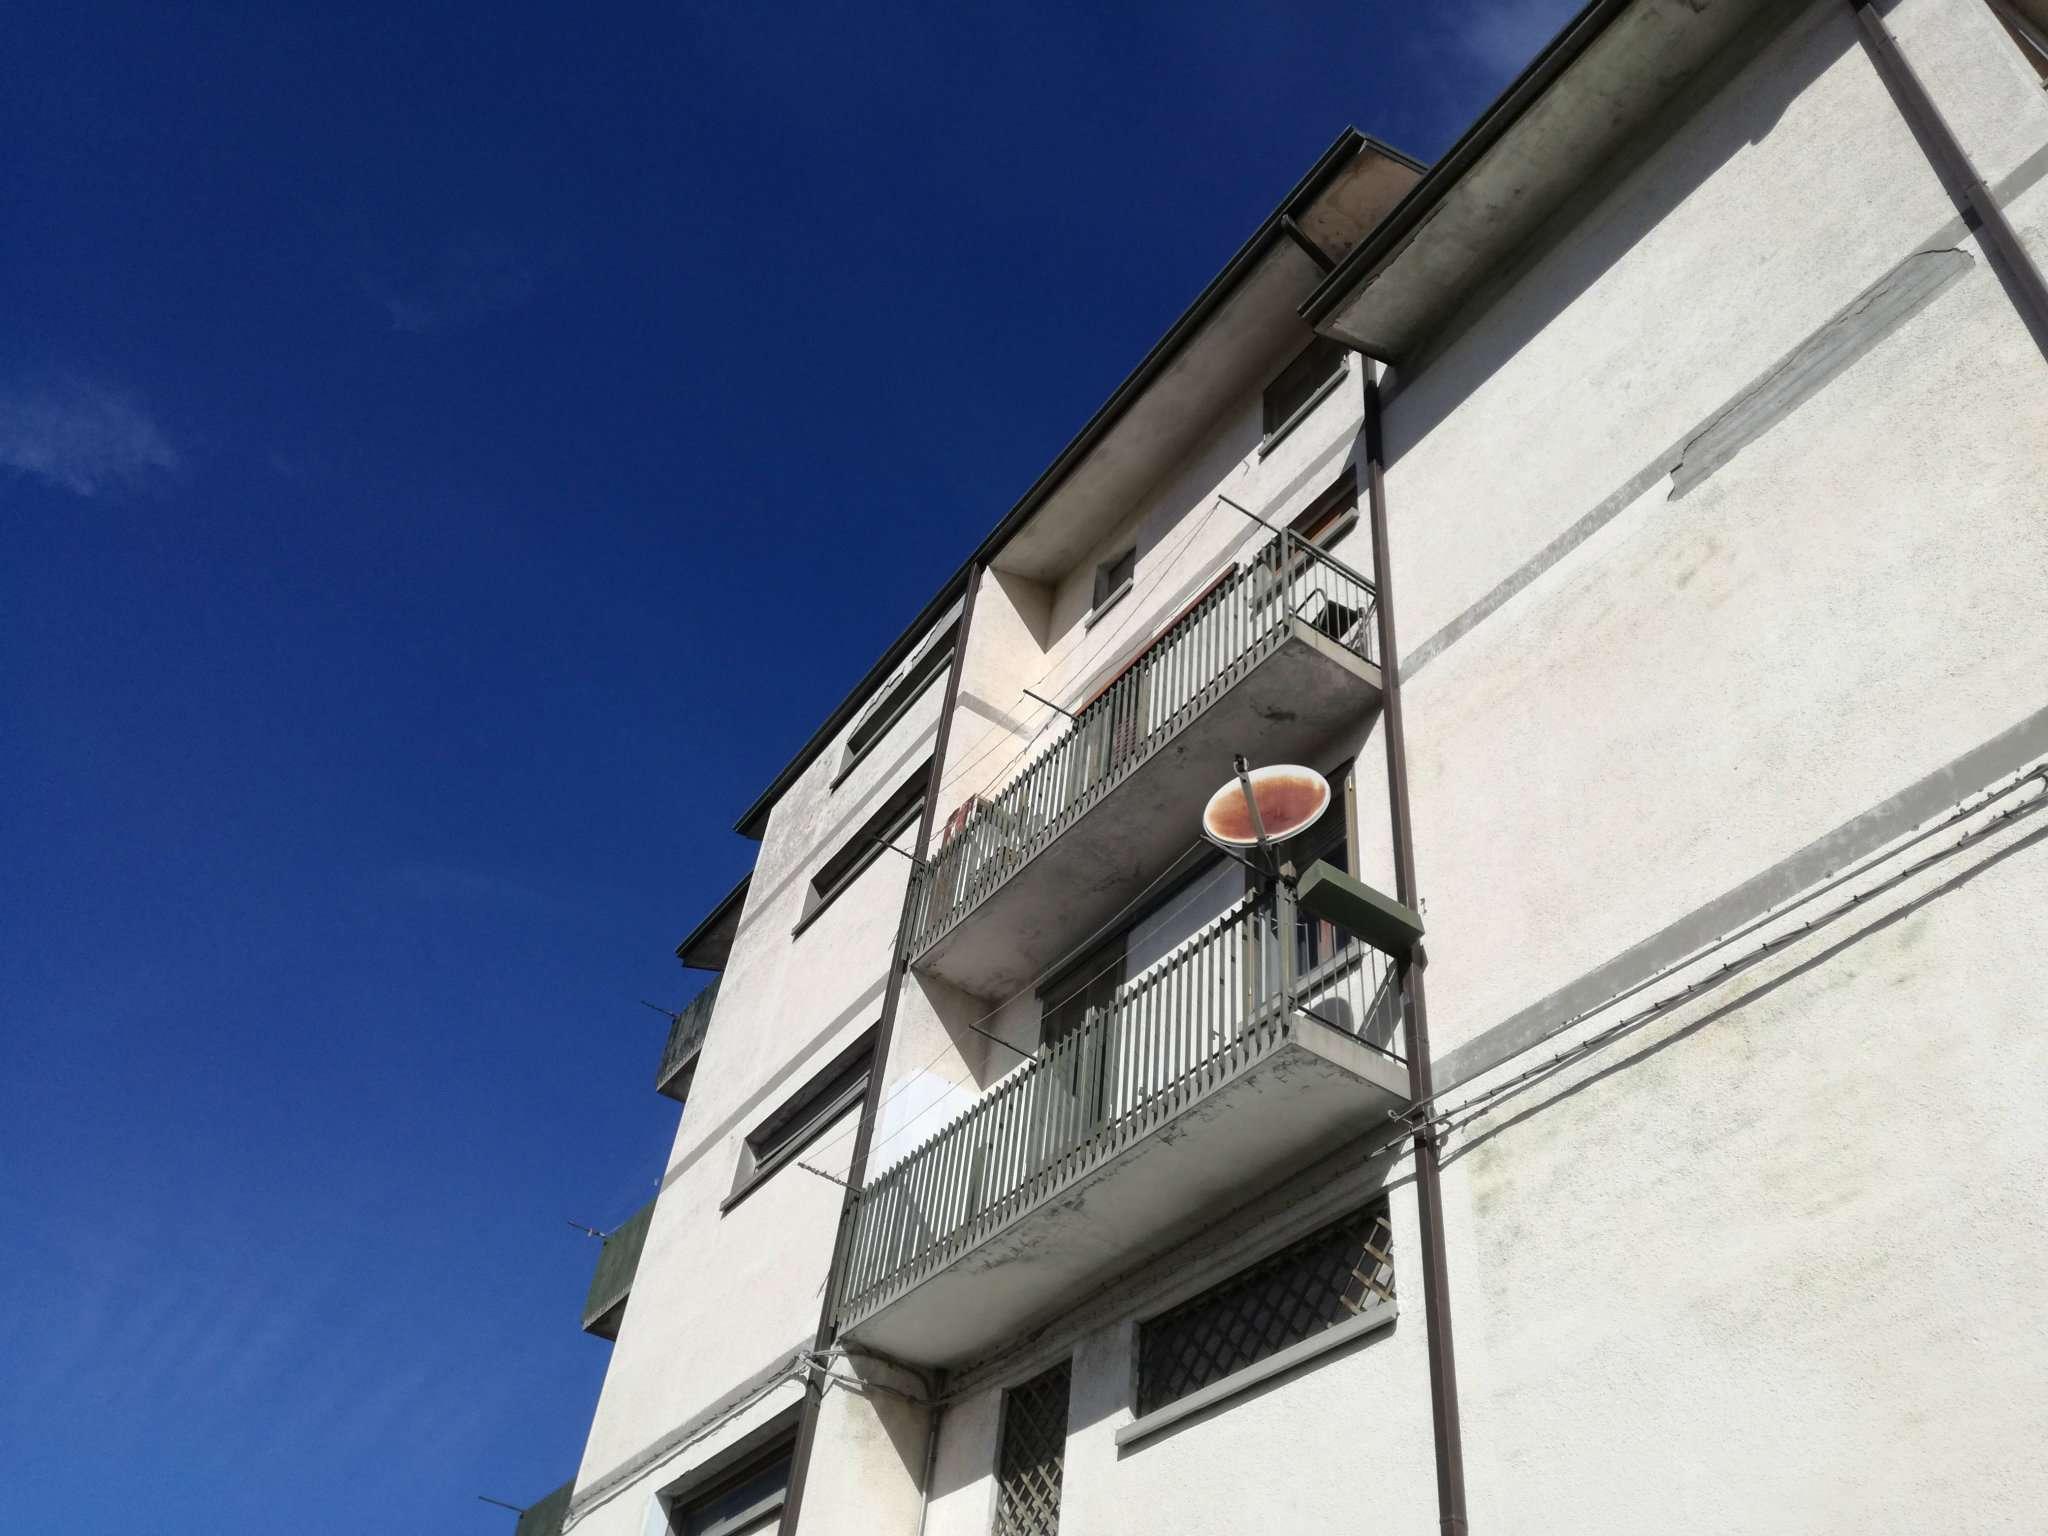 Appartamento in vendita a Camugnano, 6 locali, prezzo € 65.000   PortaleAgenzieImmobiliari.it